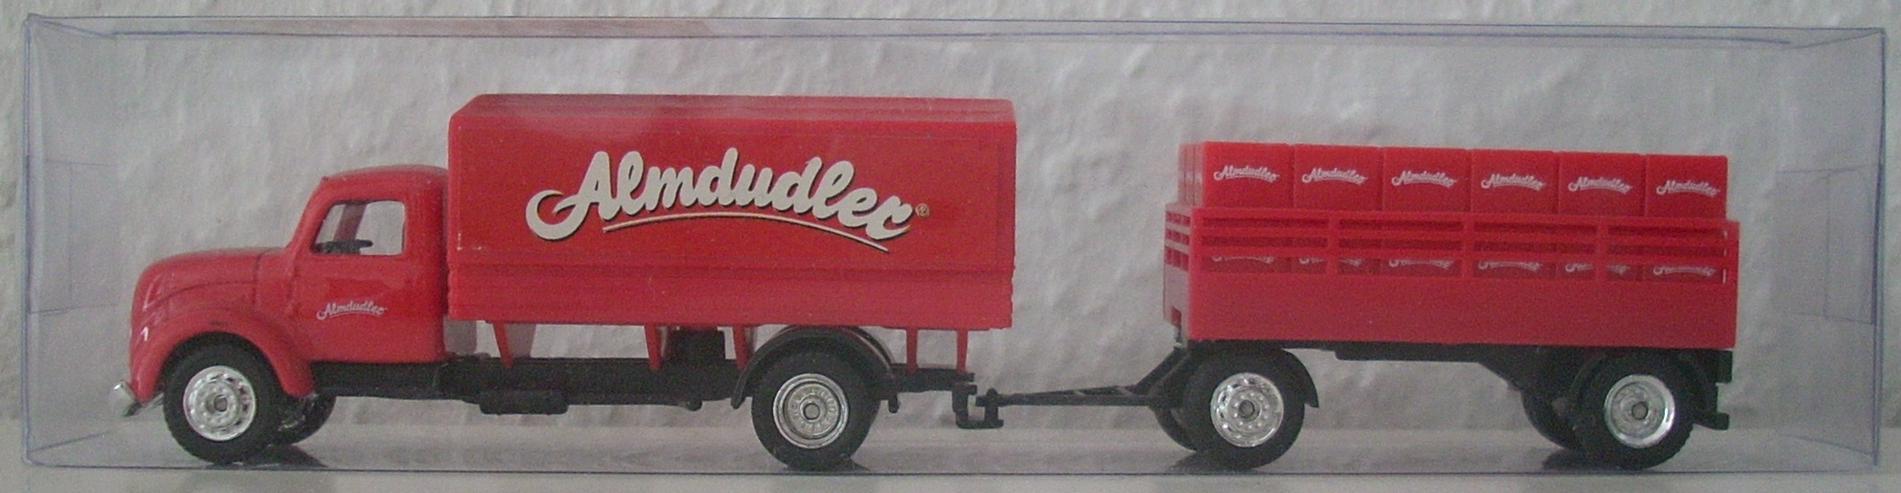 Almdudler Magirus Lastwagen mit Anhänger - neuwertig & OVP - Modellauto H0 1:87